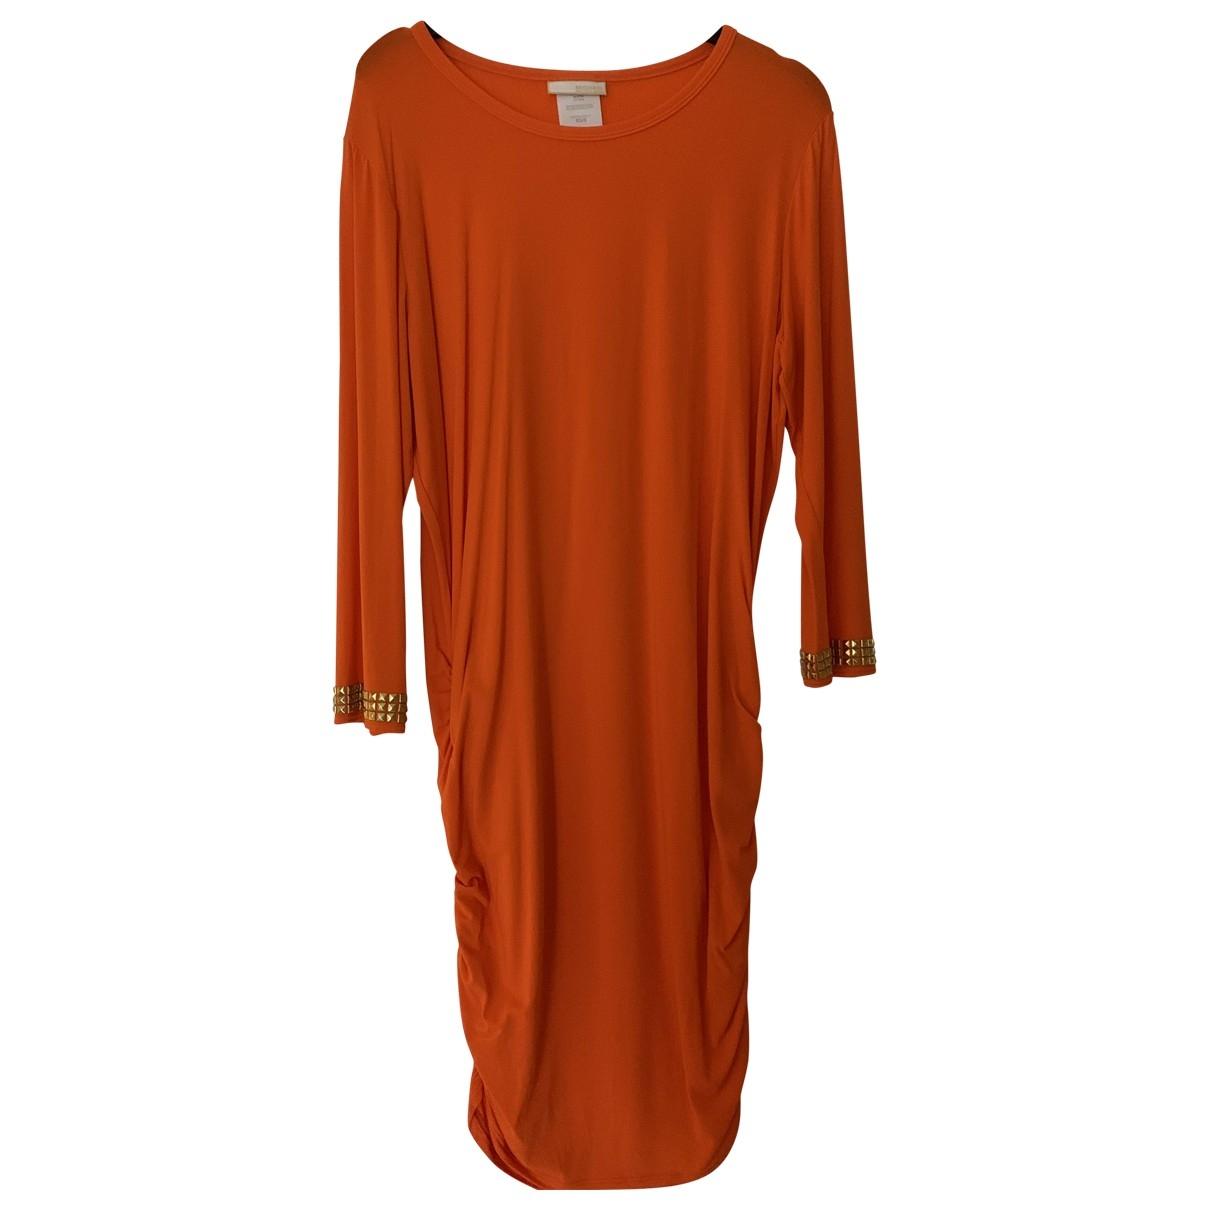 Michael Kors \N Orange Cotton - elasthane dress for Women S International